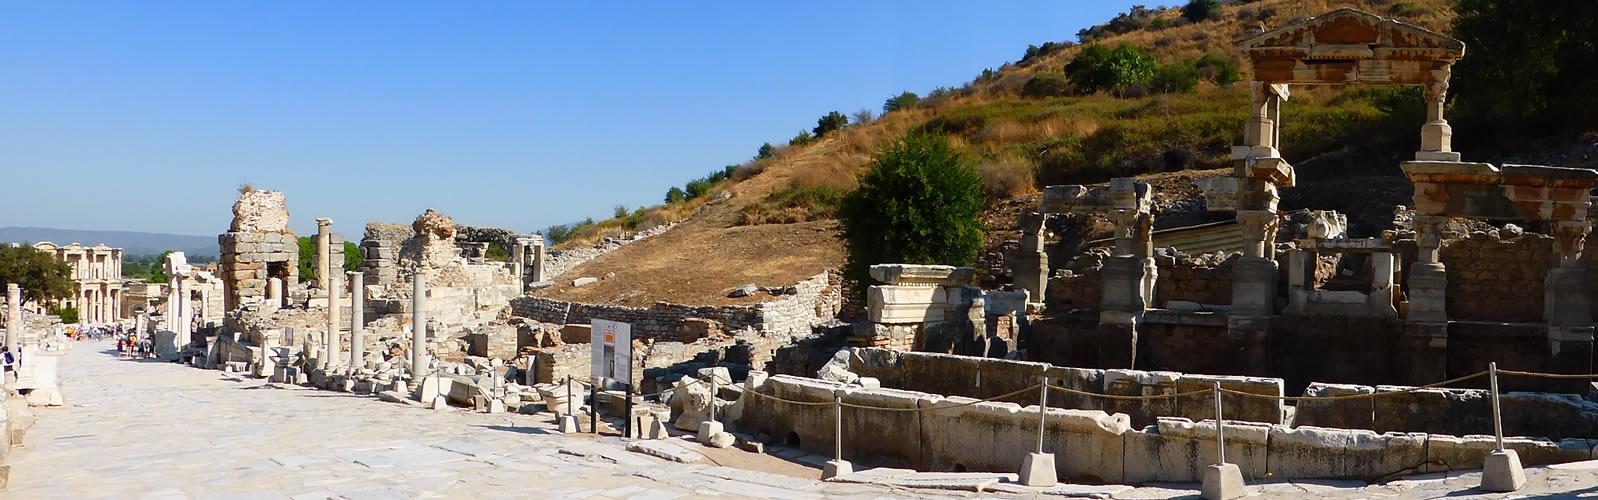 Мармарис Экскурсий Эфес